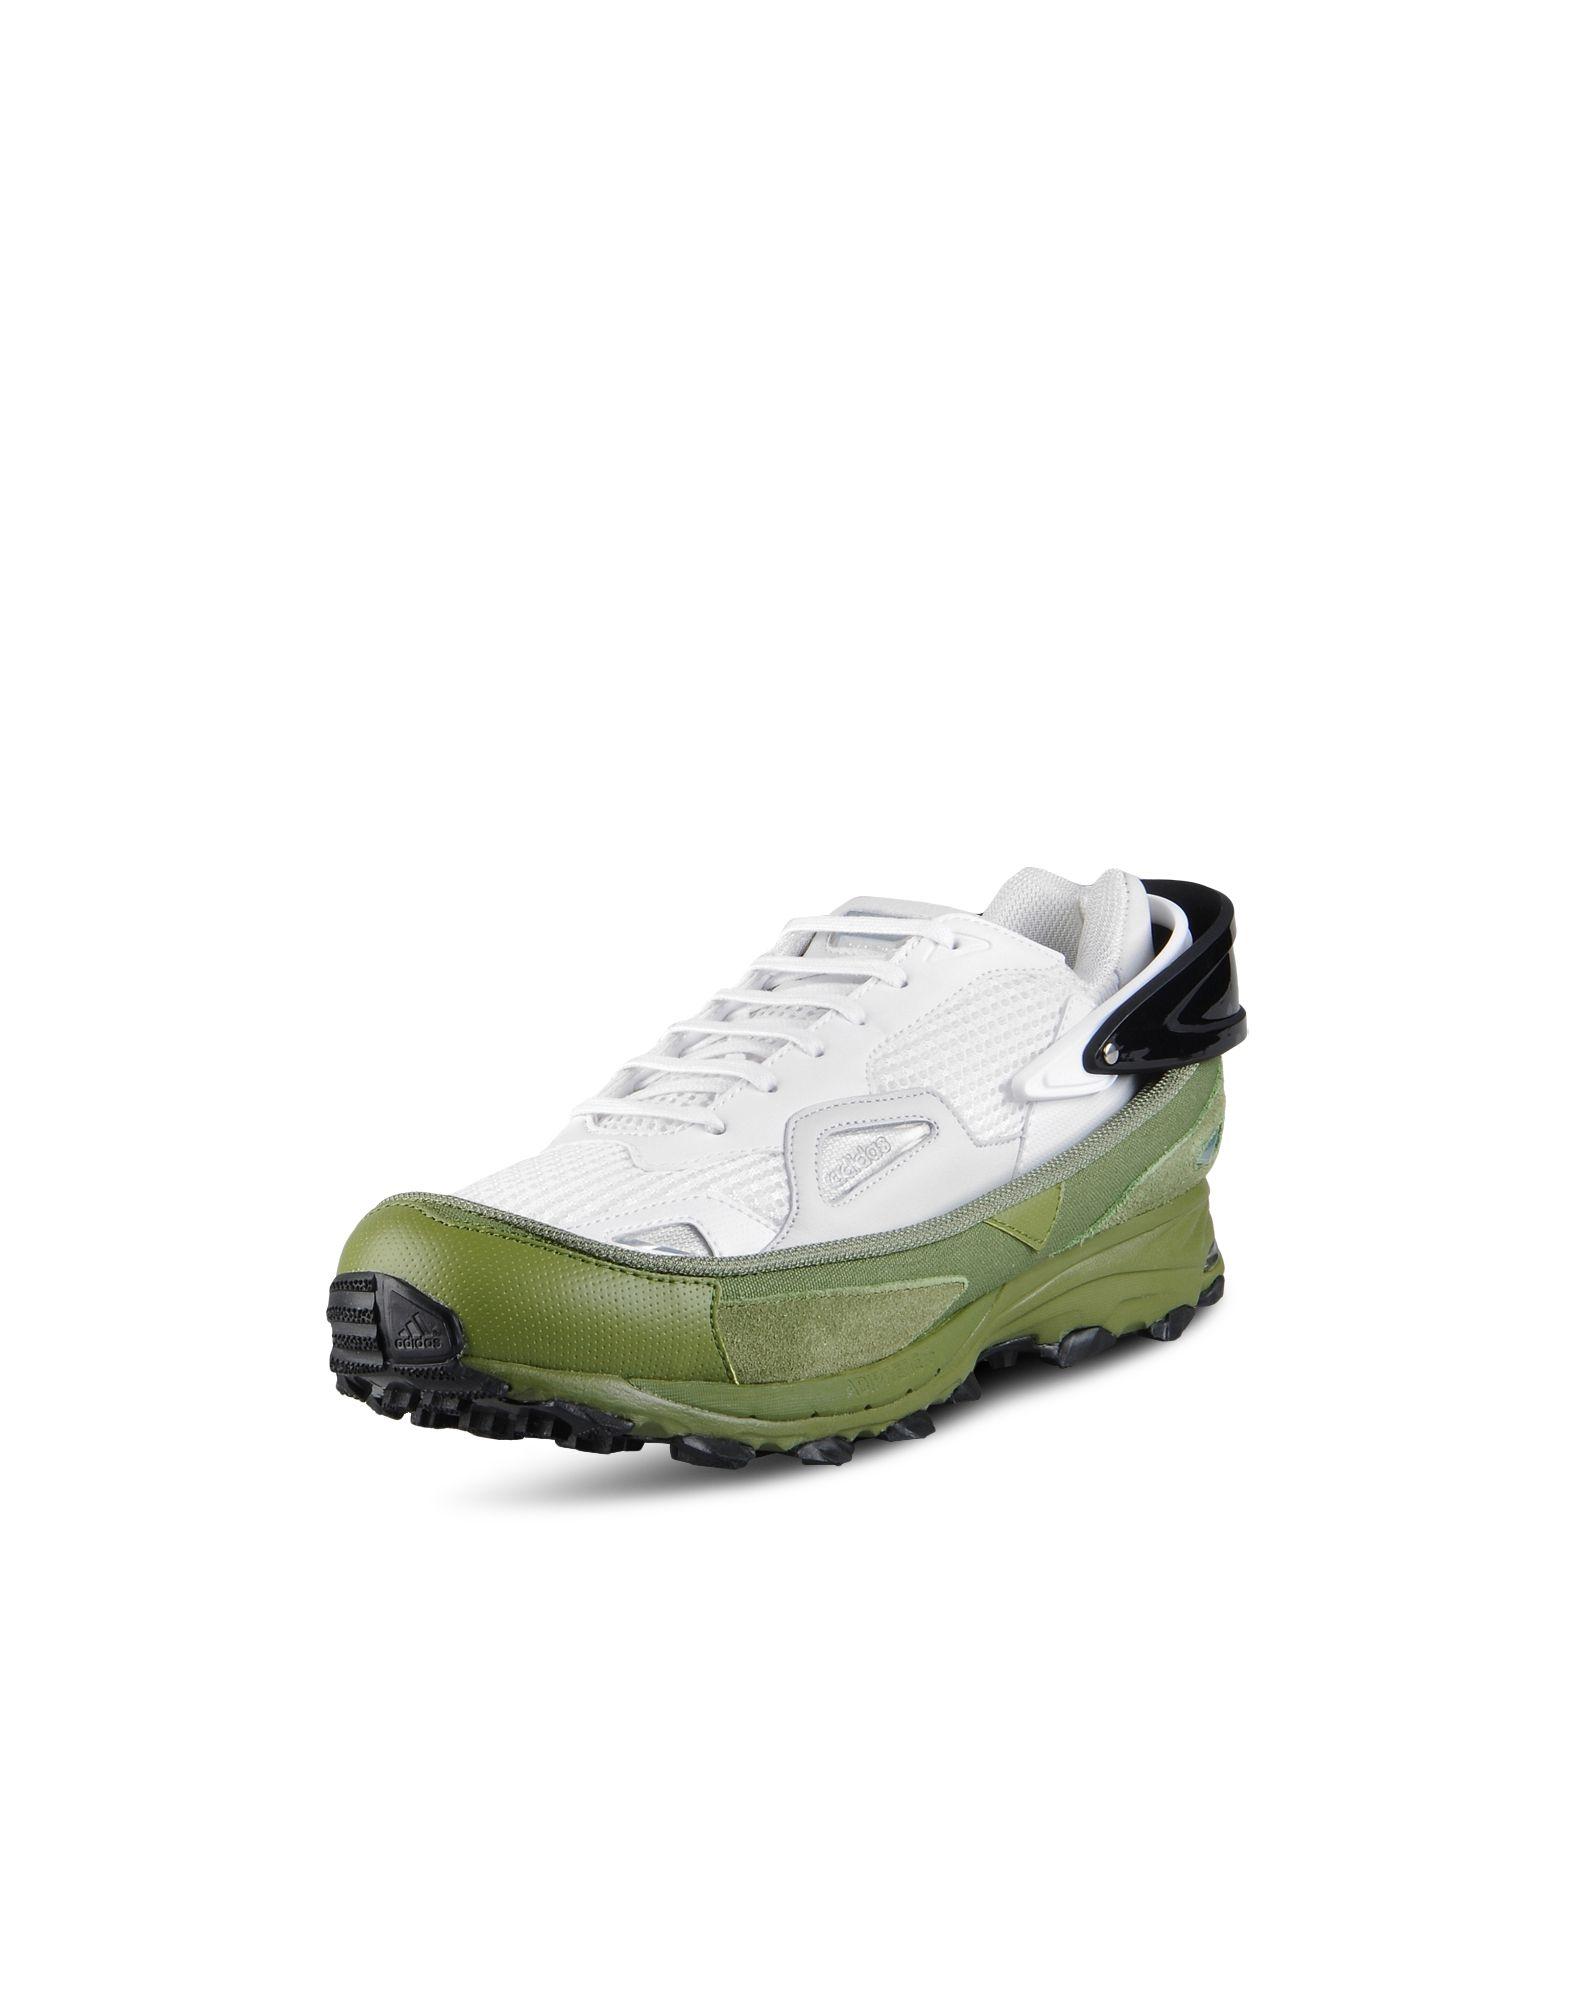 adidas x raf simons response trail